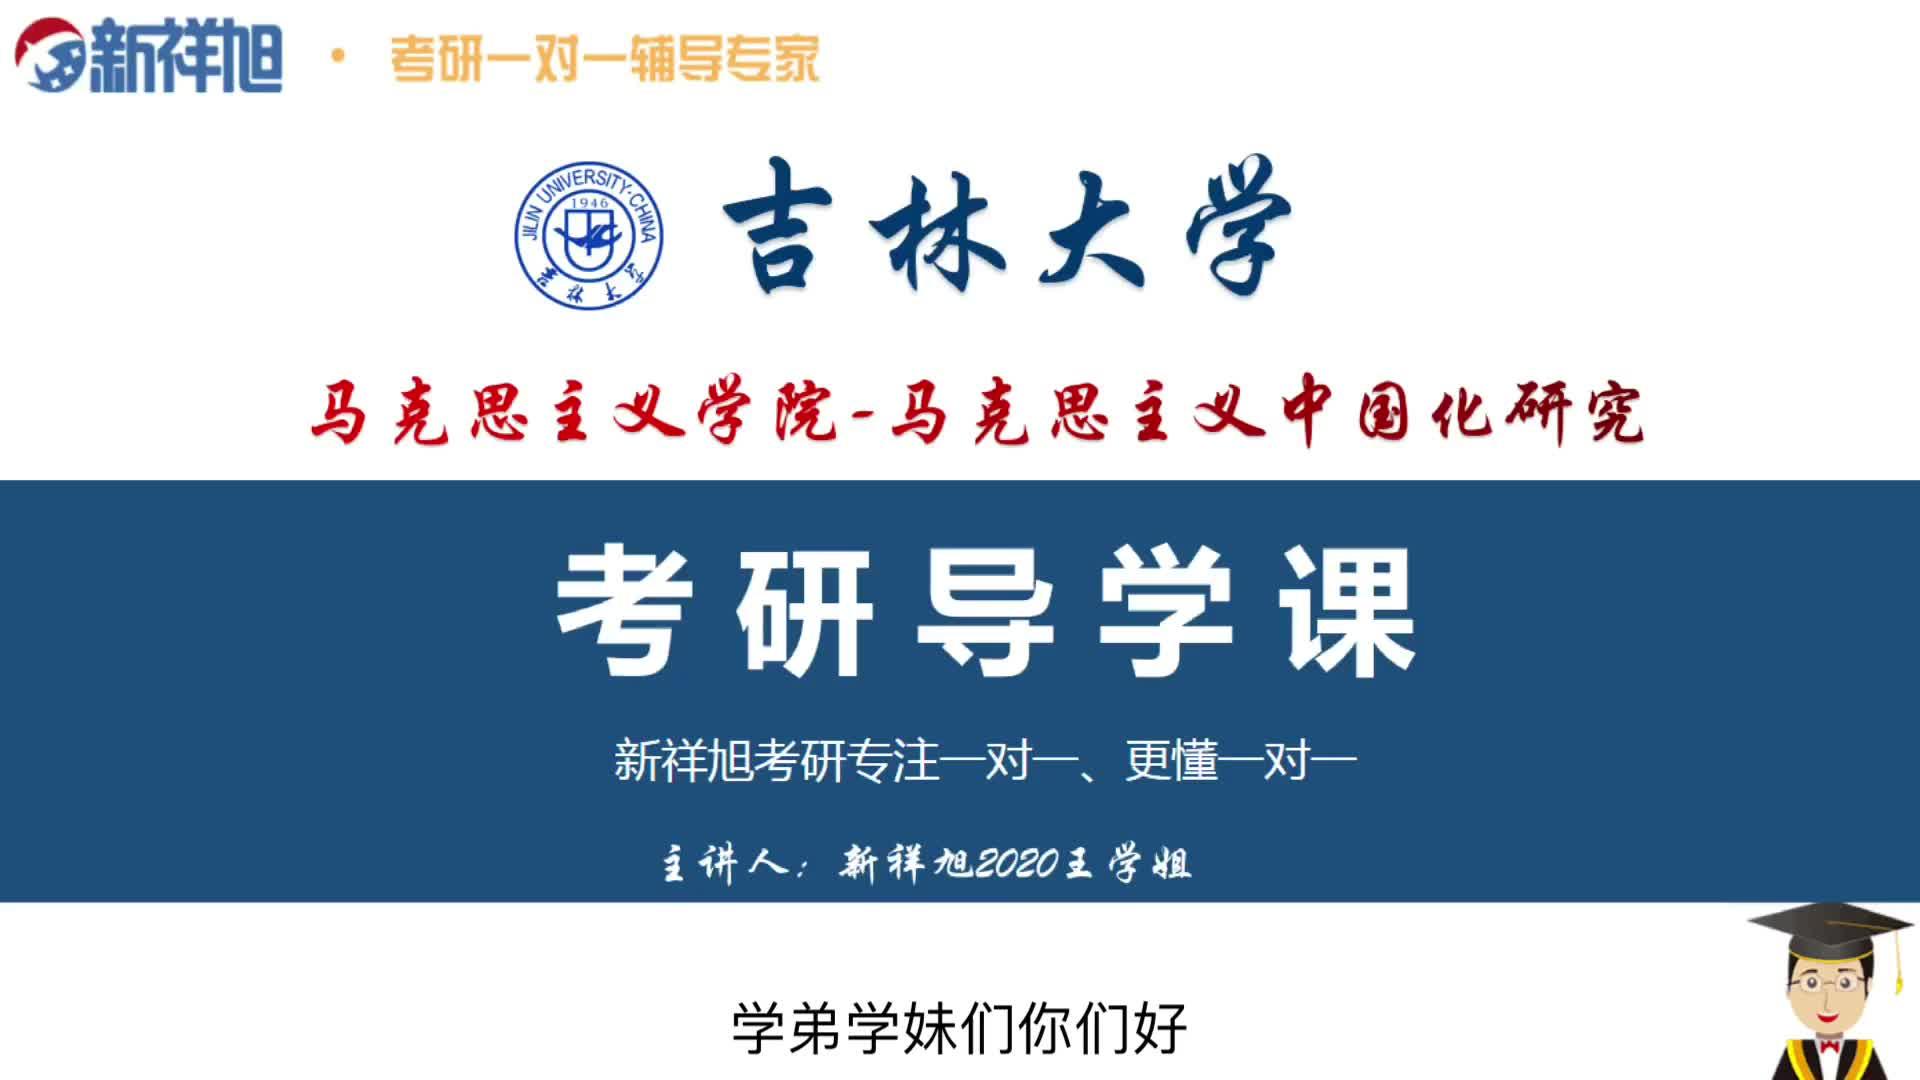 【新祥旭考研】吉林大学马院中国化研究专业考研学姐导学课.MP4